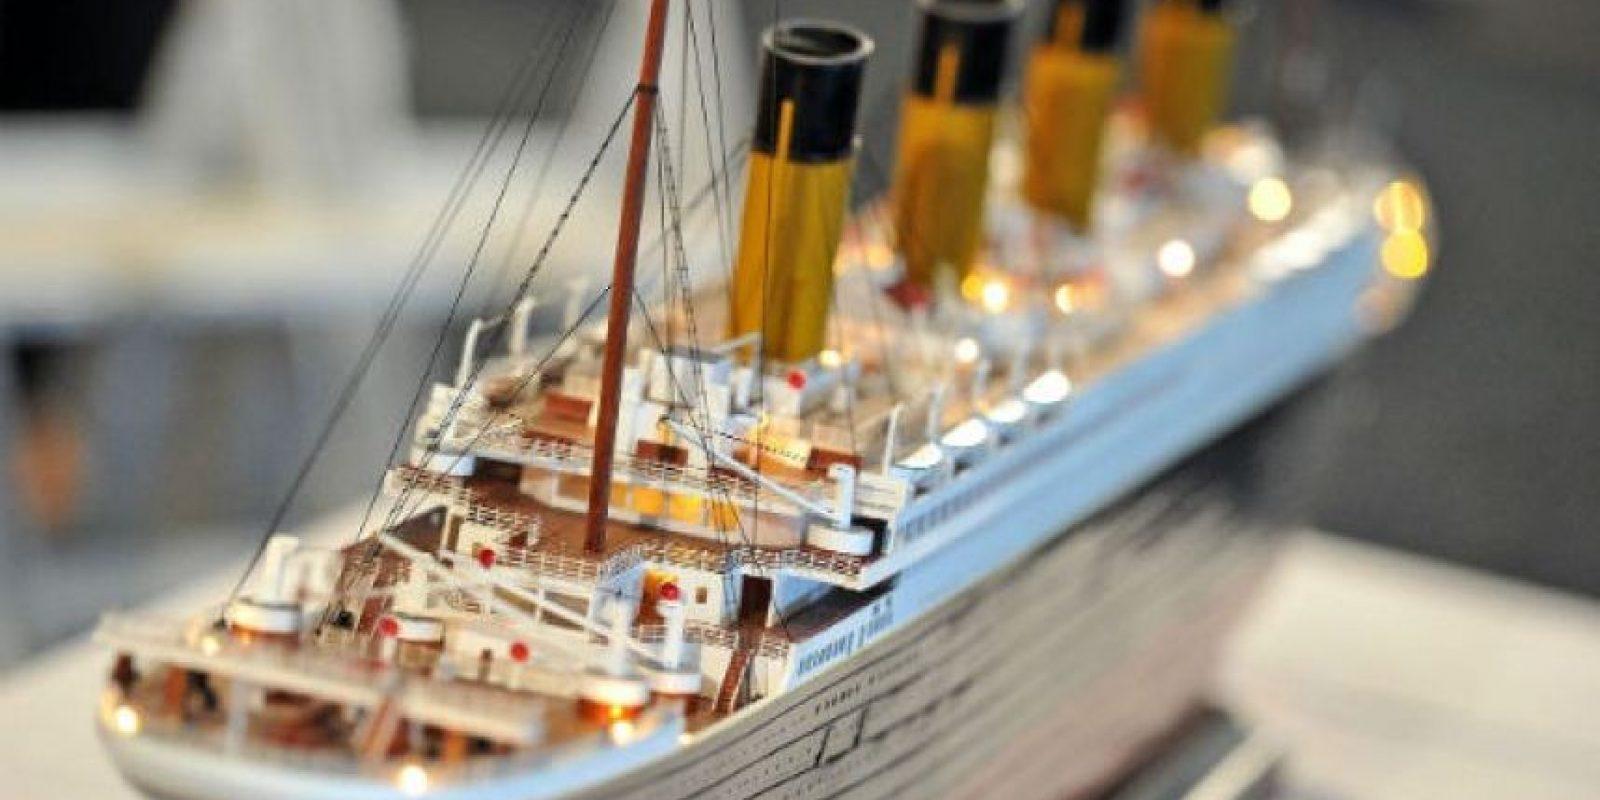 Titanic. Un transatlántico inglés, que naufragó en la noche del 14 de abril de 1912, más de 1500 persona murieron. Foto:Getty Images. Imagen Por: